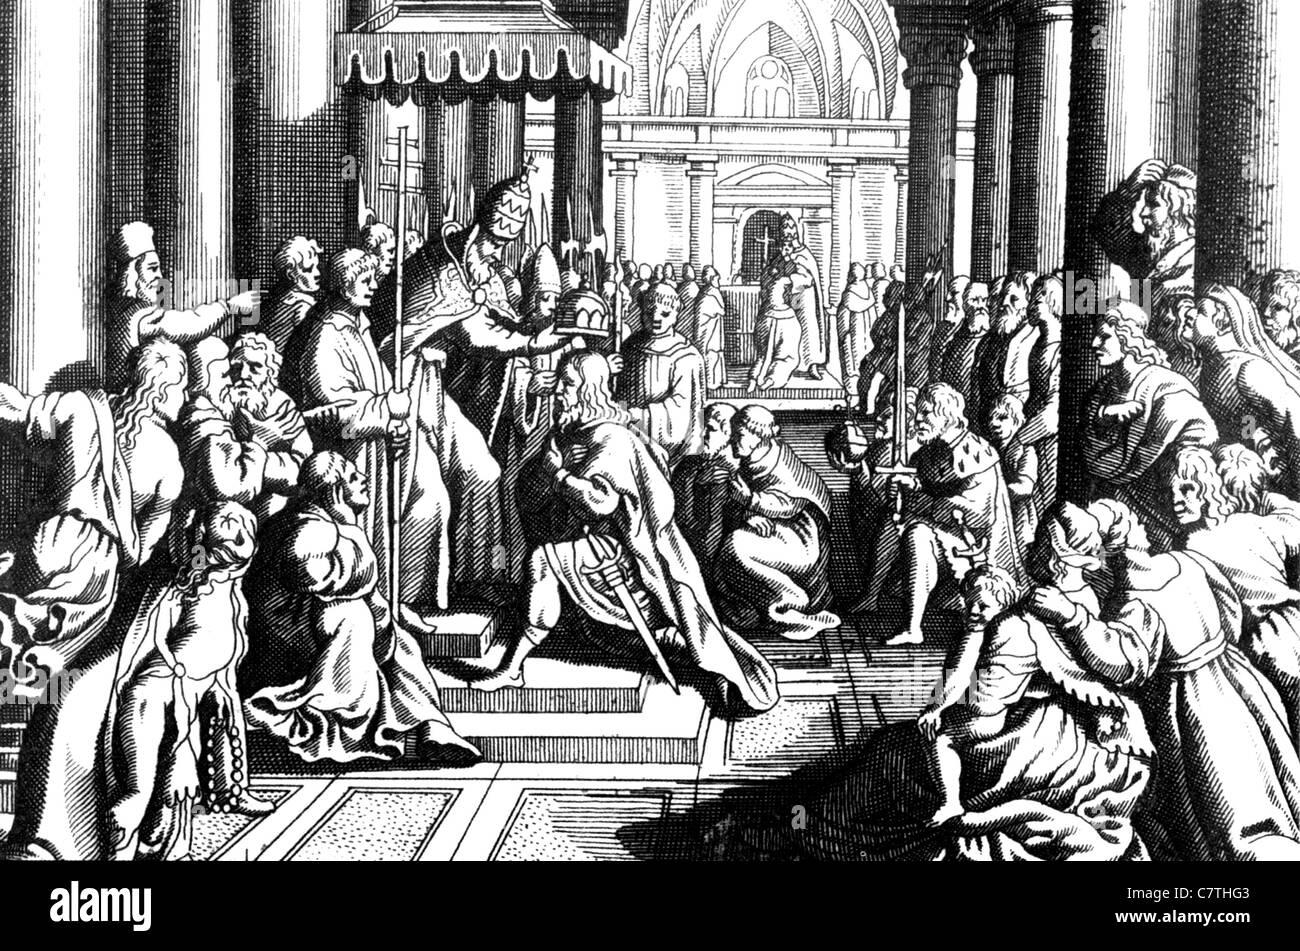 Incoronazione di Carlo Magno al Consiglio romano di 800 annunci in una incisione del XVIII secolo Immagini Stock